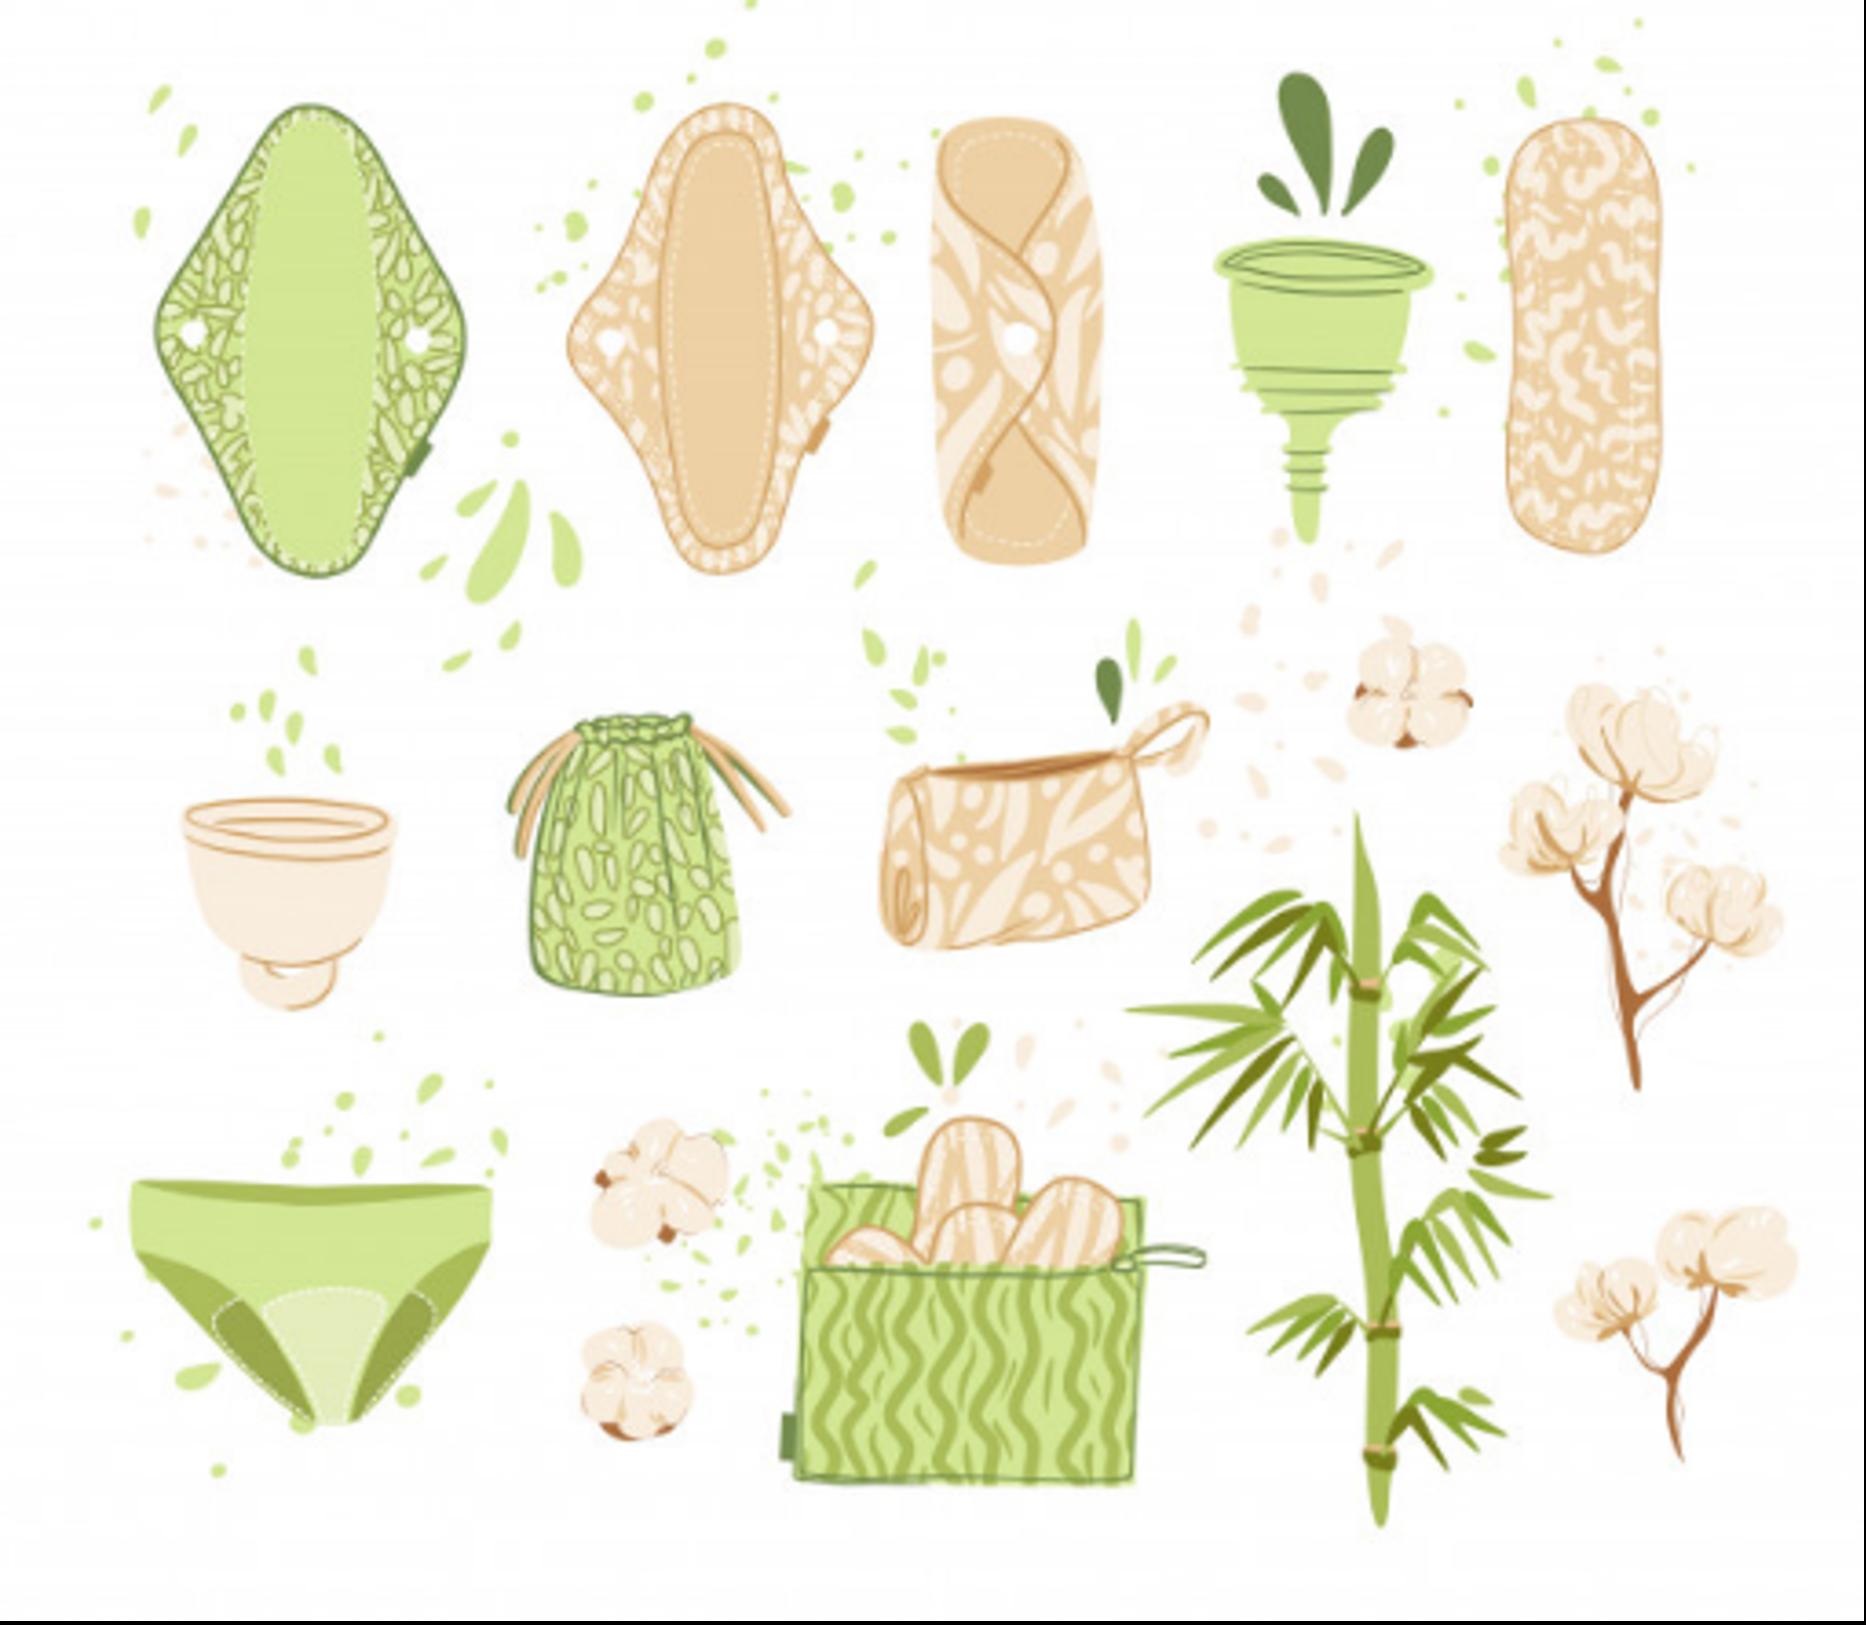 keskkonnasõbraliku vannitoa hügieenitarbed